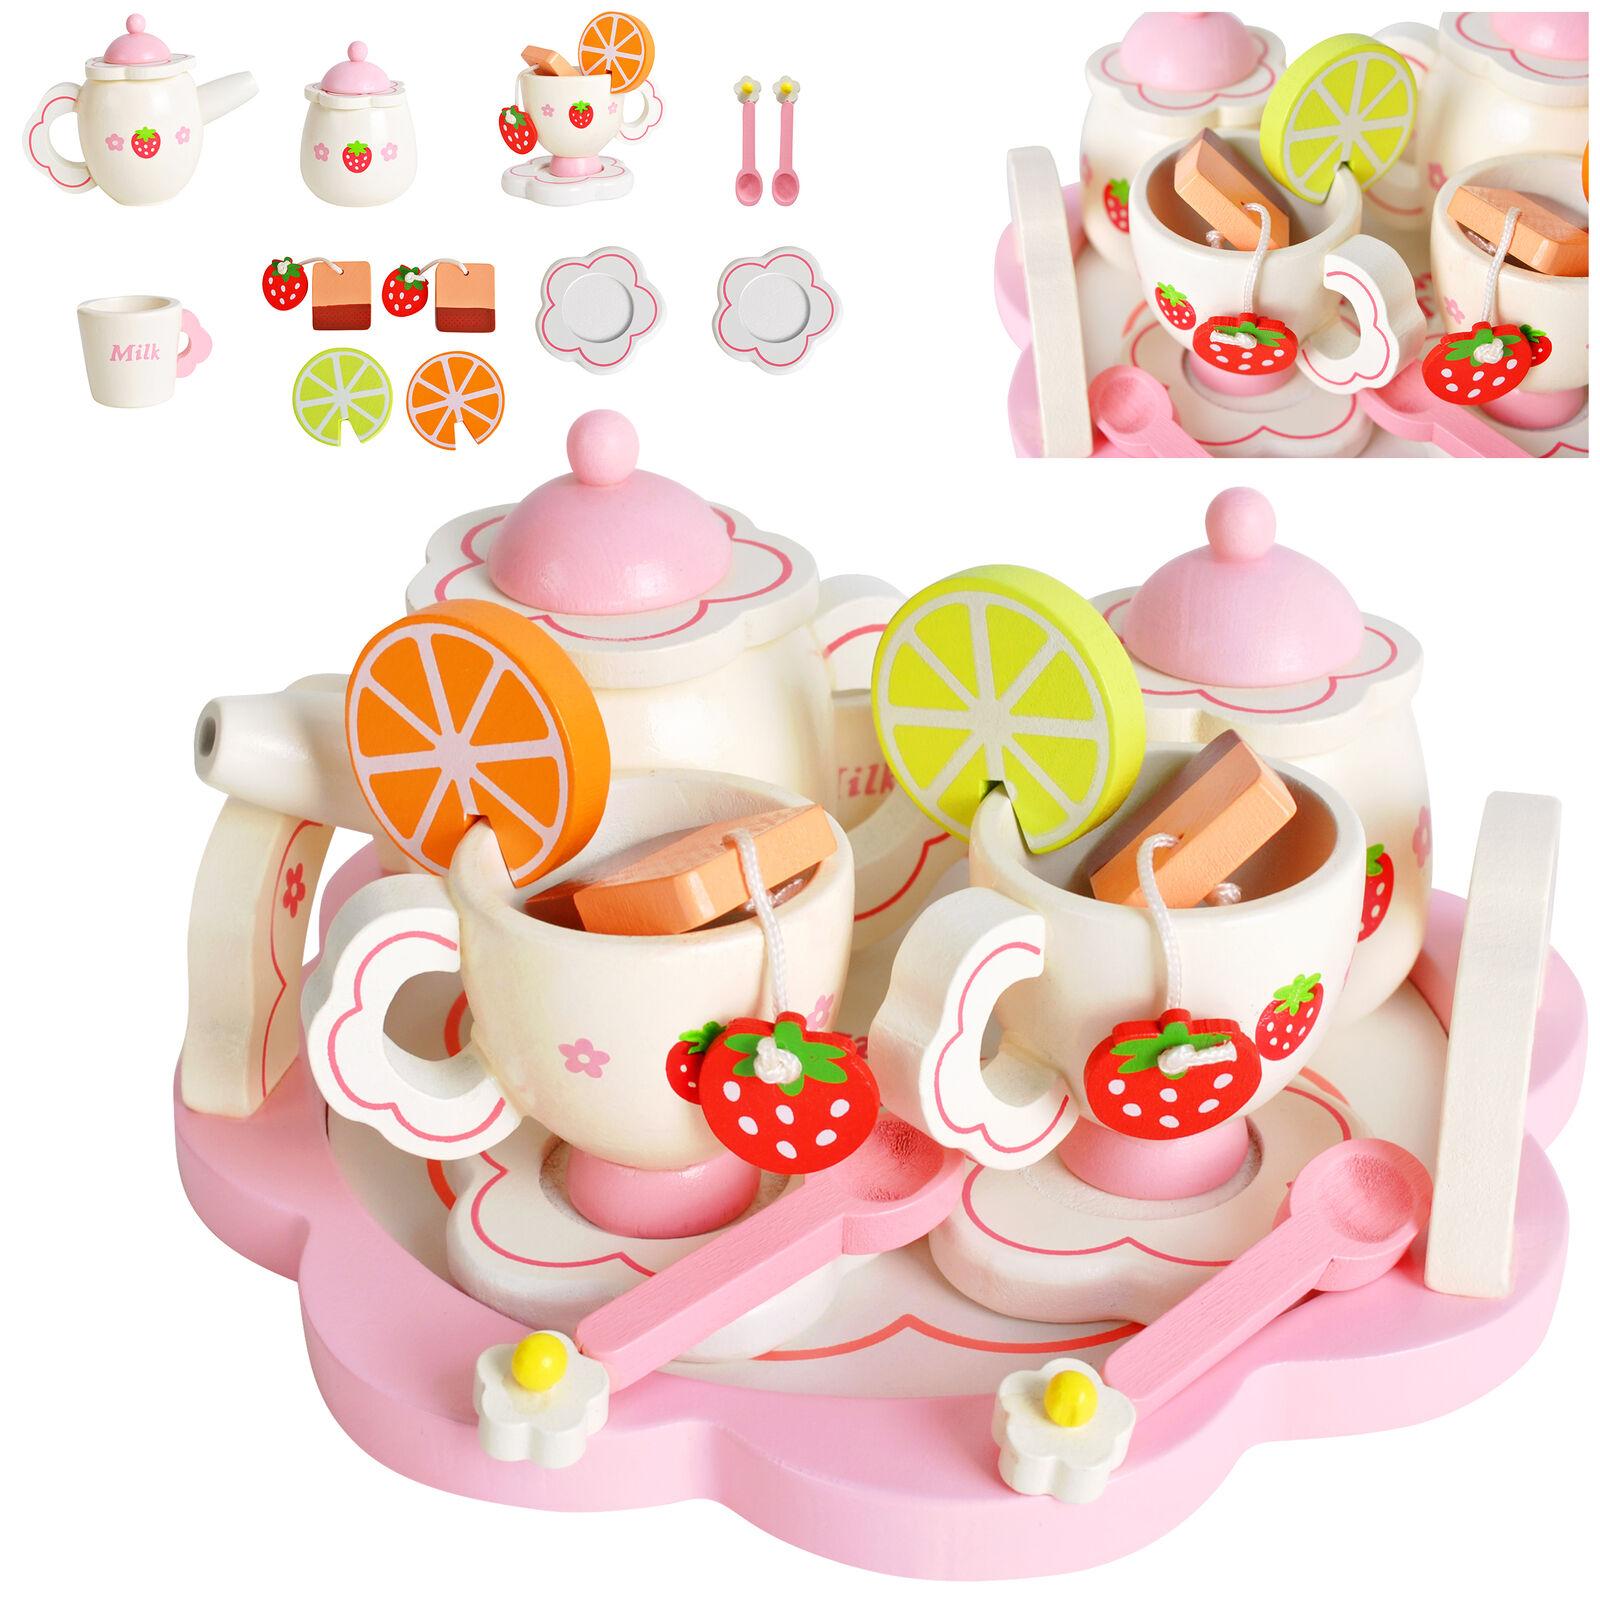 Kinder Teeservice Set Holz  Zubehör für die Kinderküche, 16-tlg. ab 3 Jahre 9418